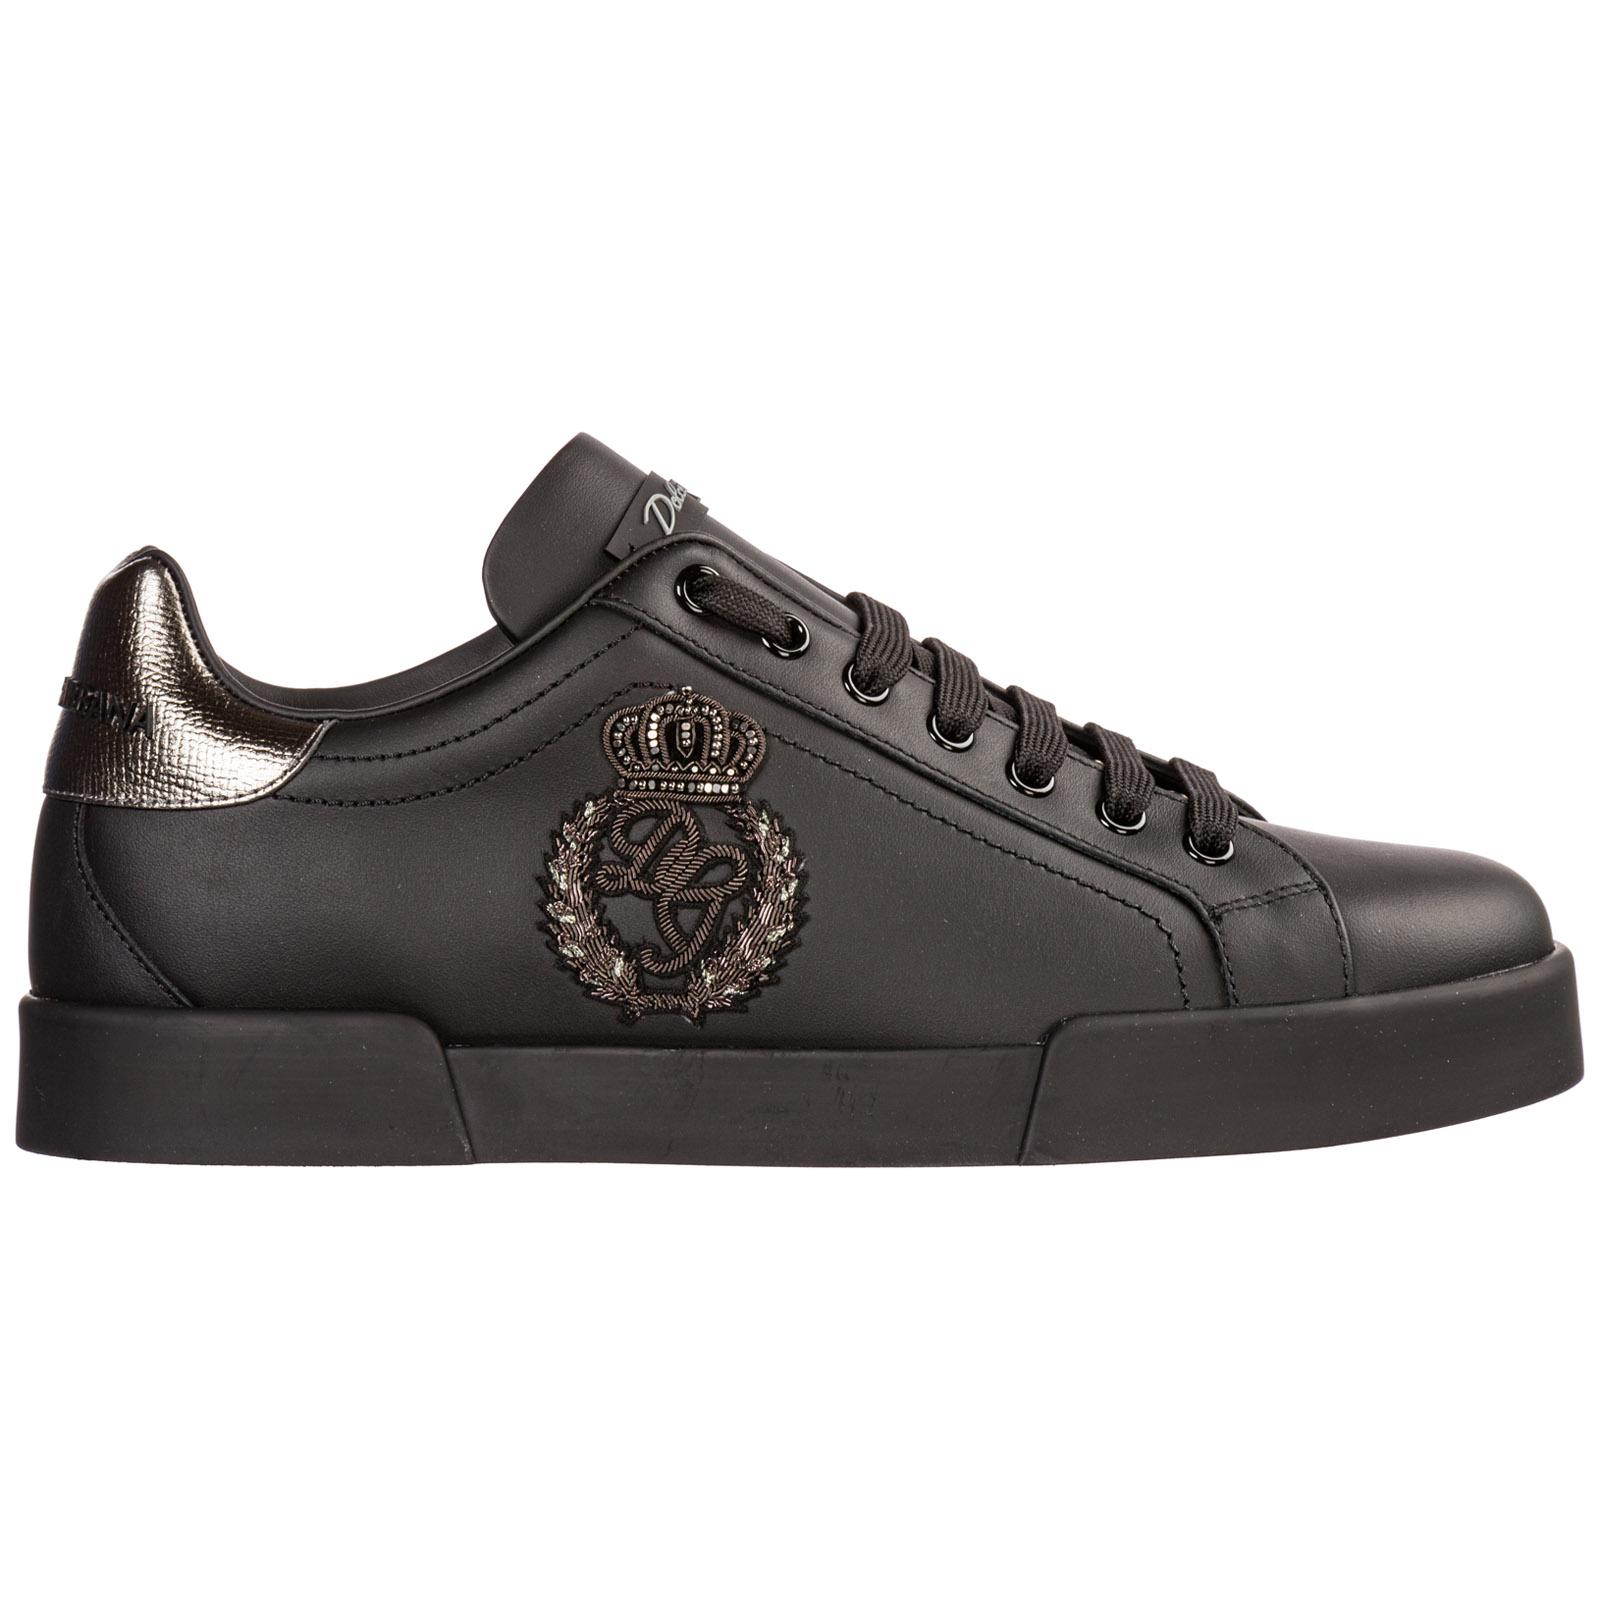 reputable site 6736c 4720c Scarpe sneakers uomo in pelle